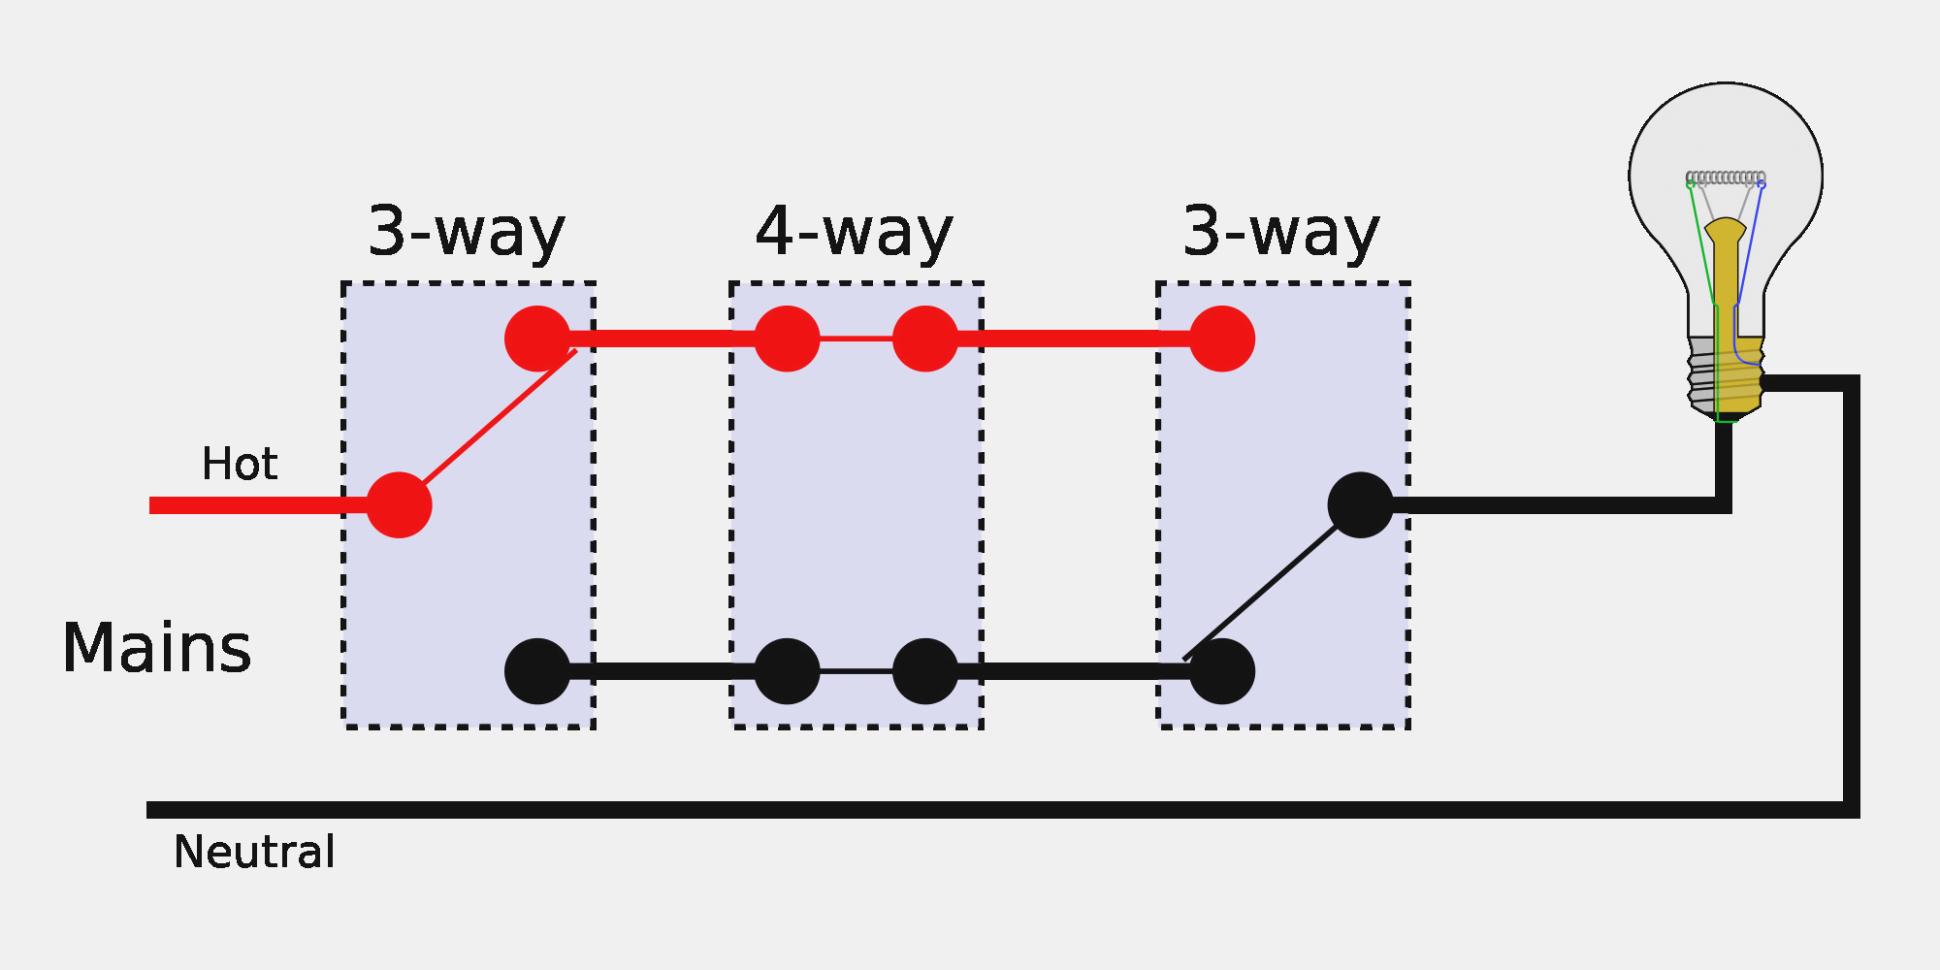 3 Way Light Switch Wiring Diagram Pdf | Wiring Diagram - 3 Way Switch Wiring Diagram Pdf